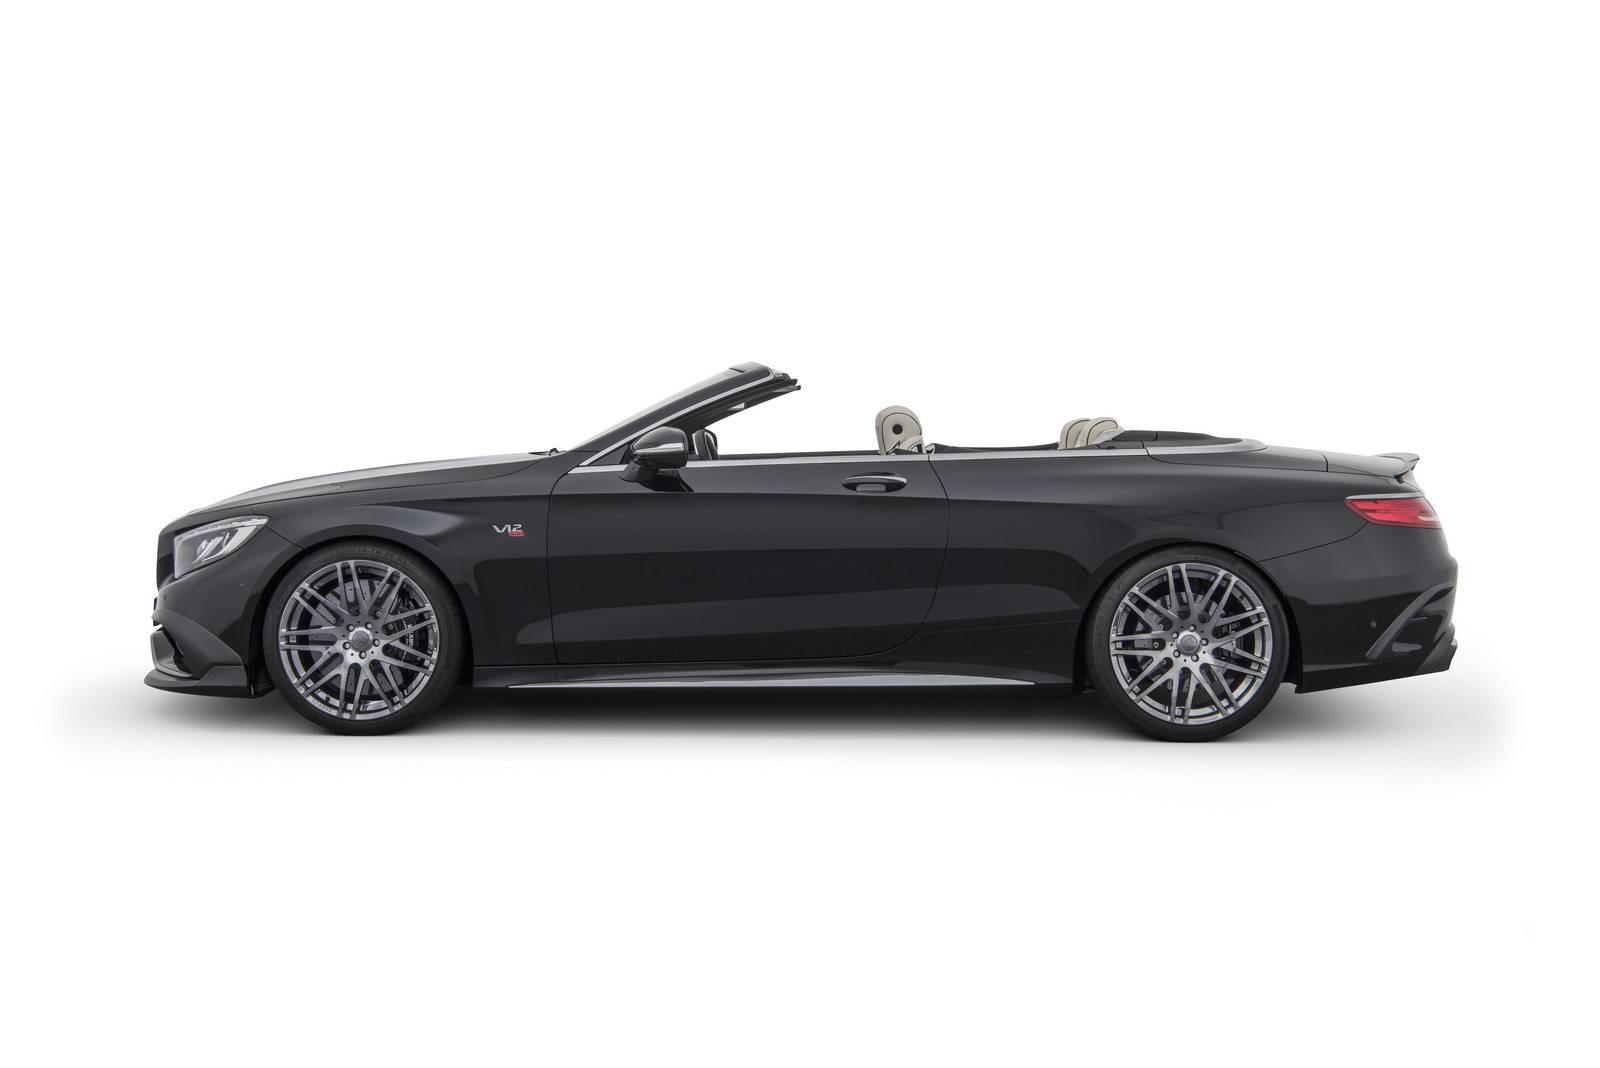 le-cabriolet-4-places-le-plus-puissant-et-le-plus-rapide-au-monde-brabus-rocket-900-cabriolet-411-2.jpg